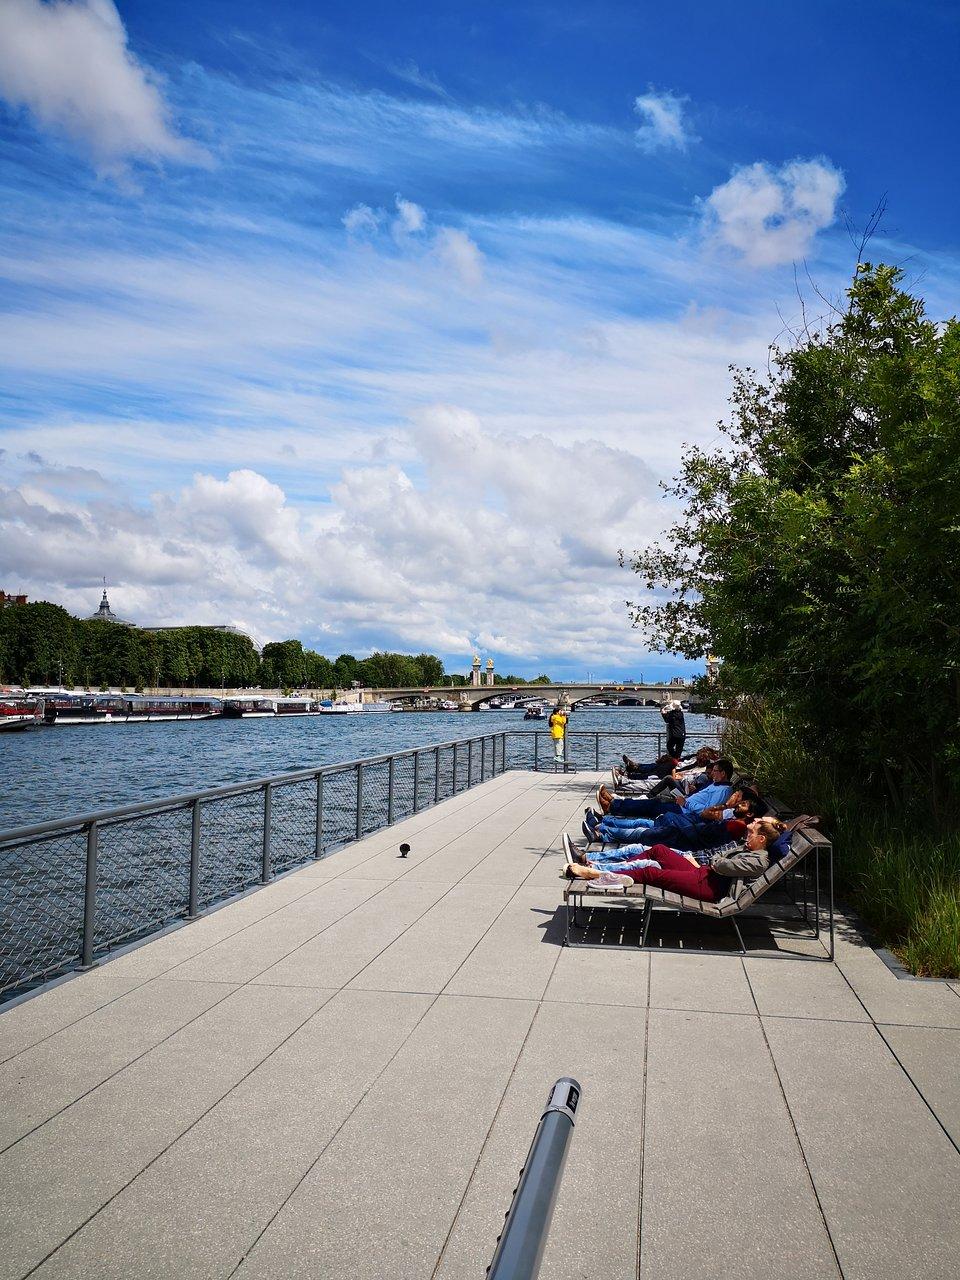 Le Jardin De Saint Adrien Frais Jardin Flottant Niki De Saint Phalle Paris 2020 All You